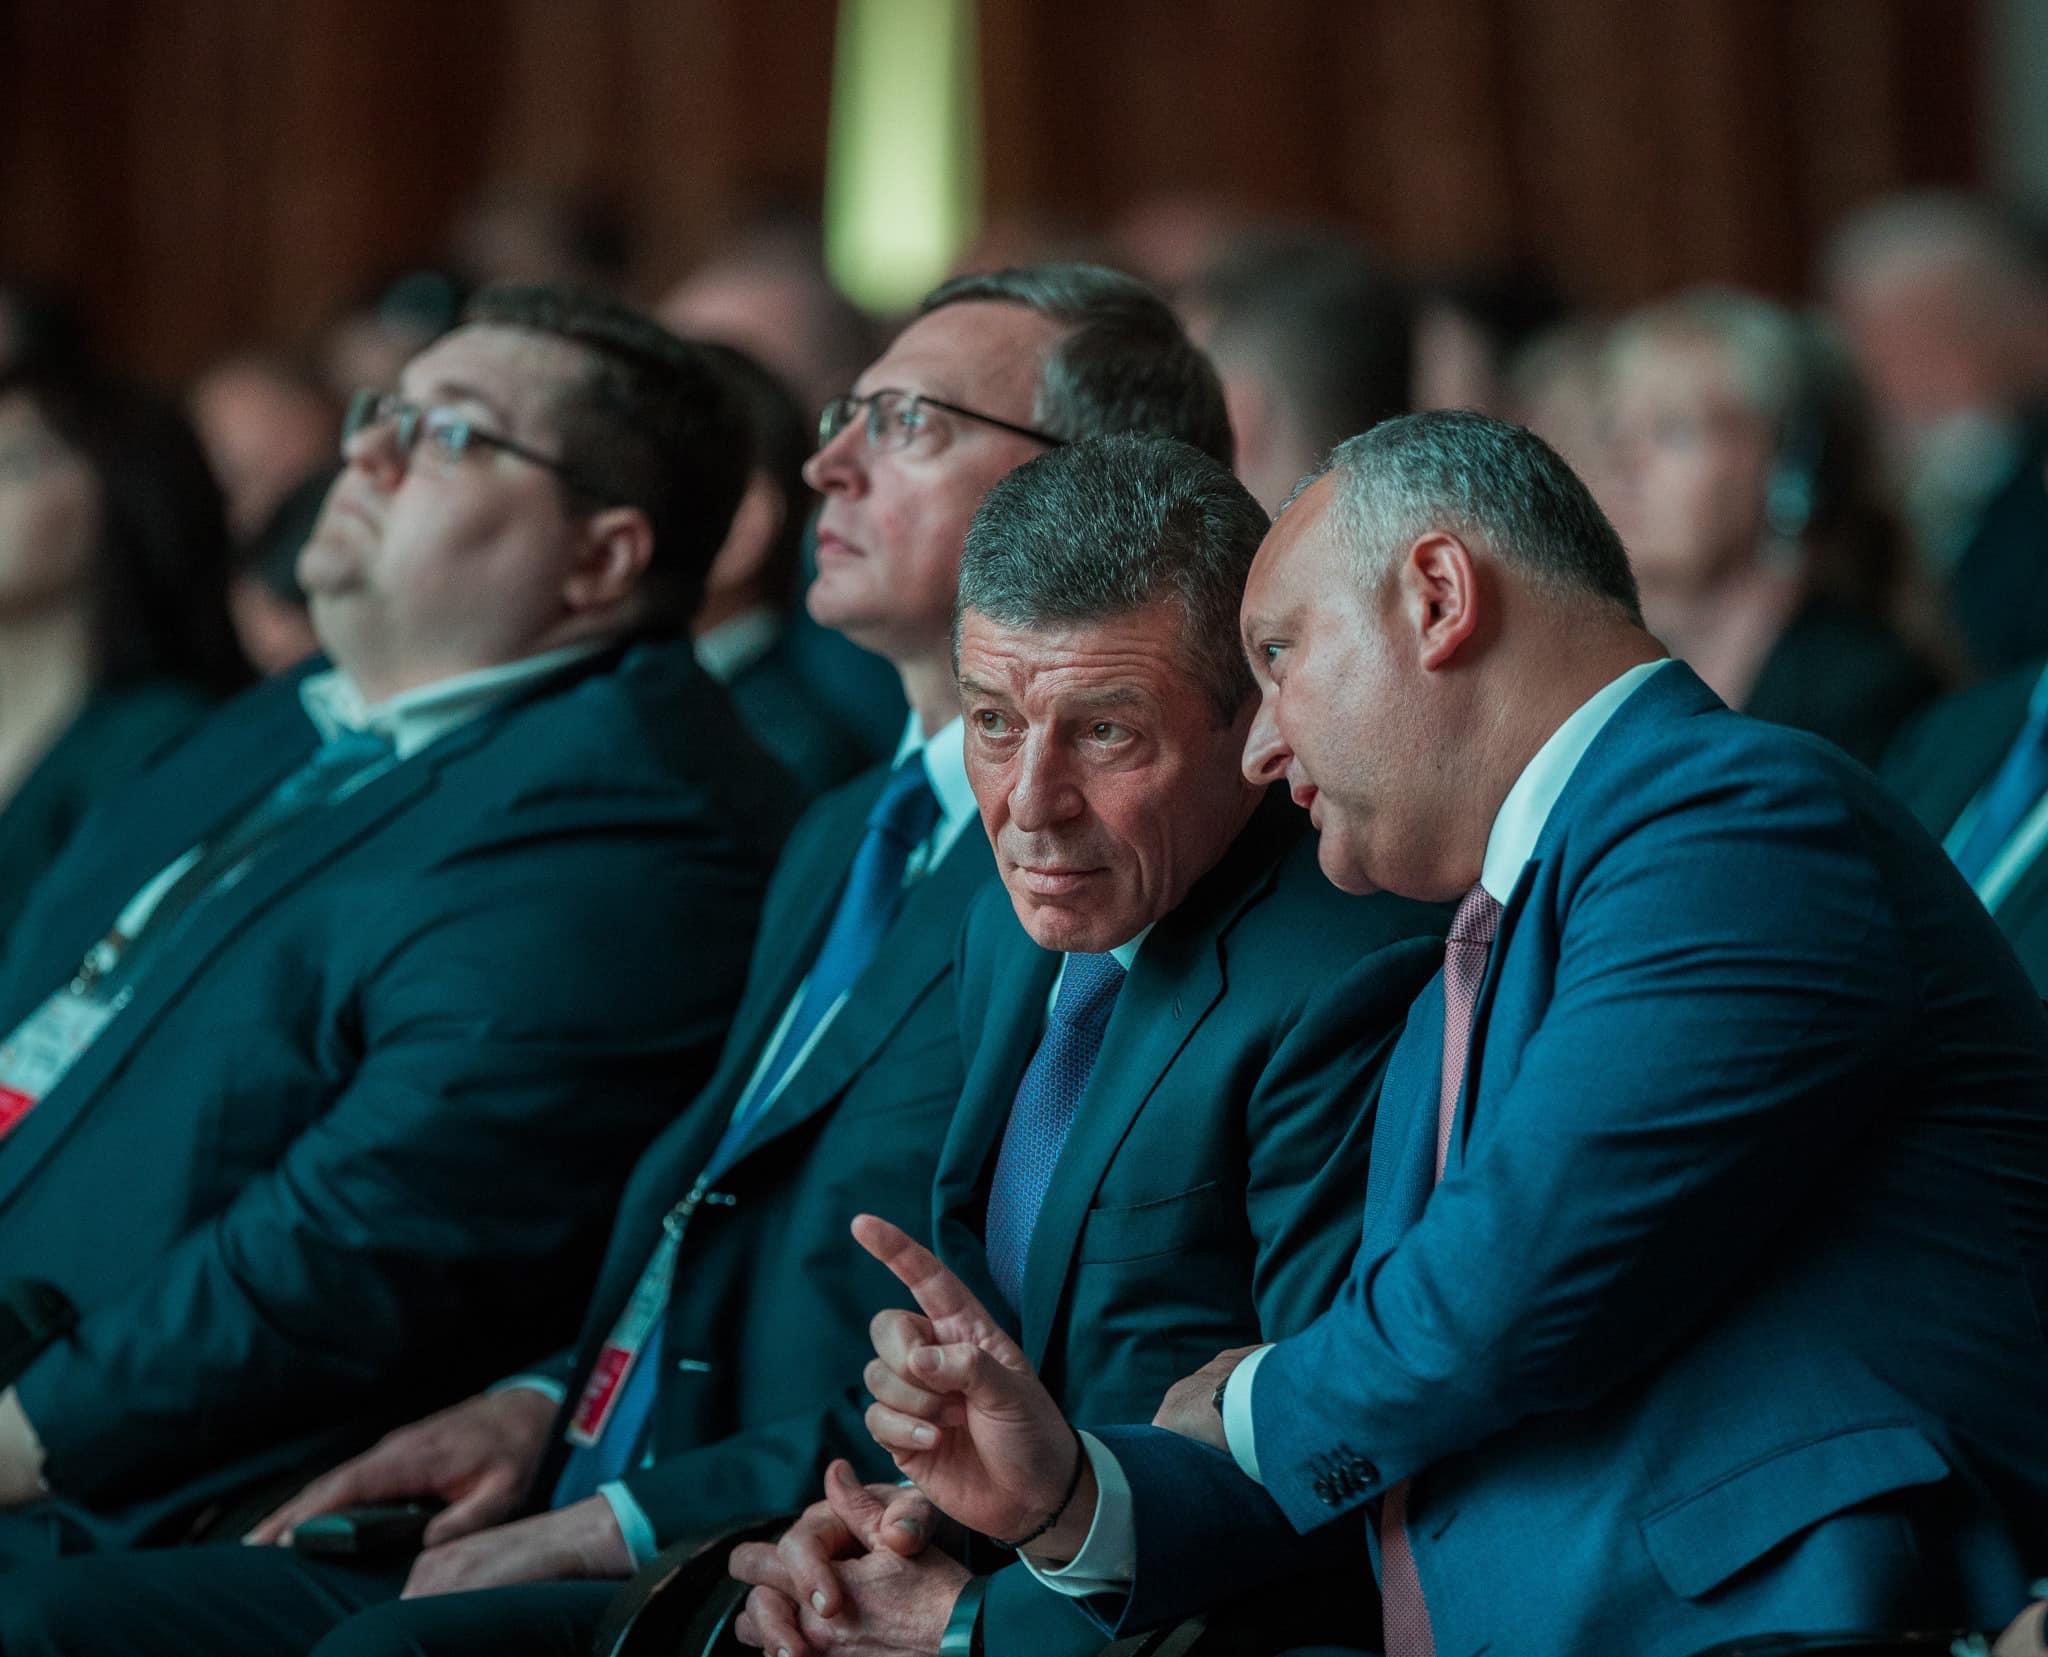 """Козак похвалил Додона: Позиция президента """"не дружить с кем-то против кого-то"""" заслуживает поддержки! (ВИДЕО)"""